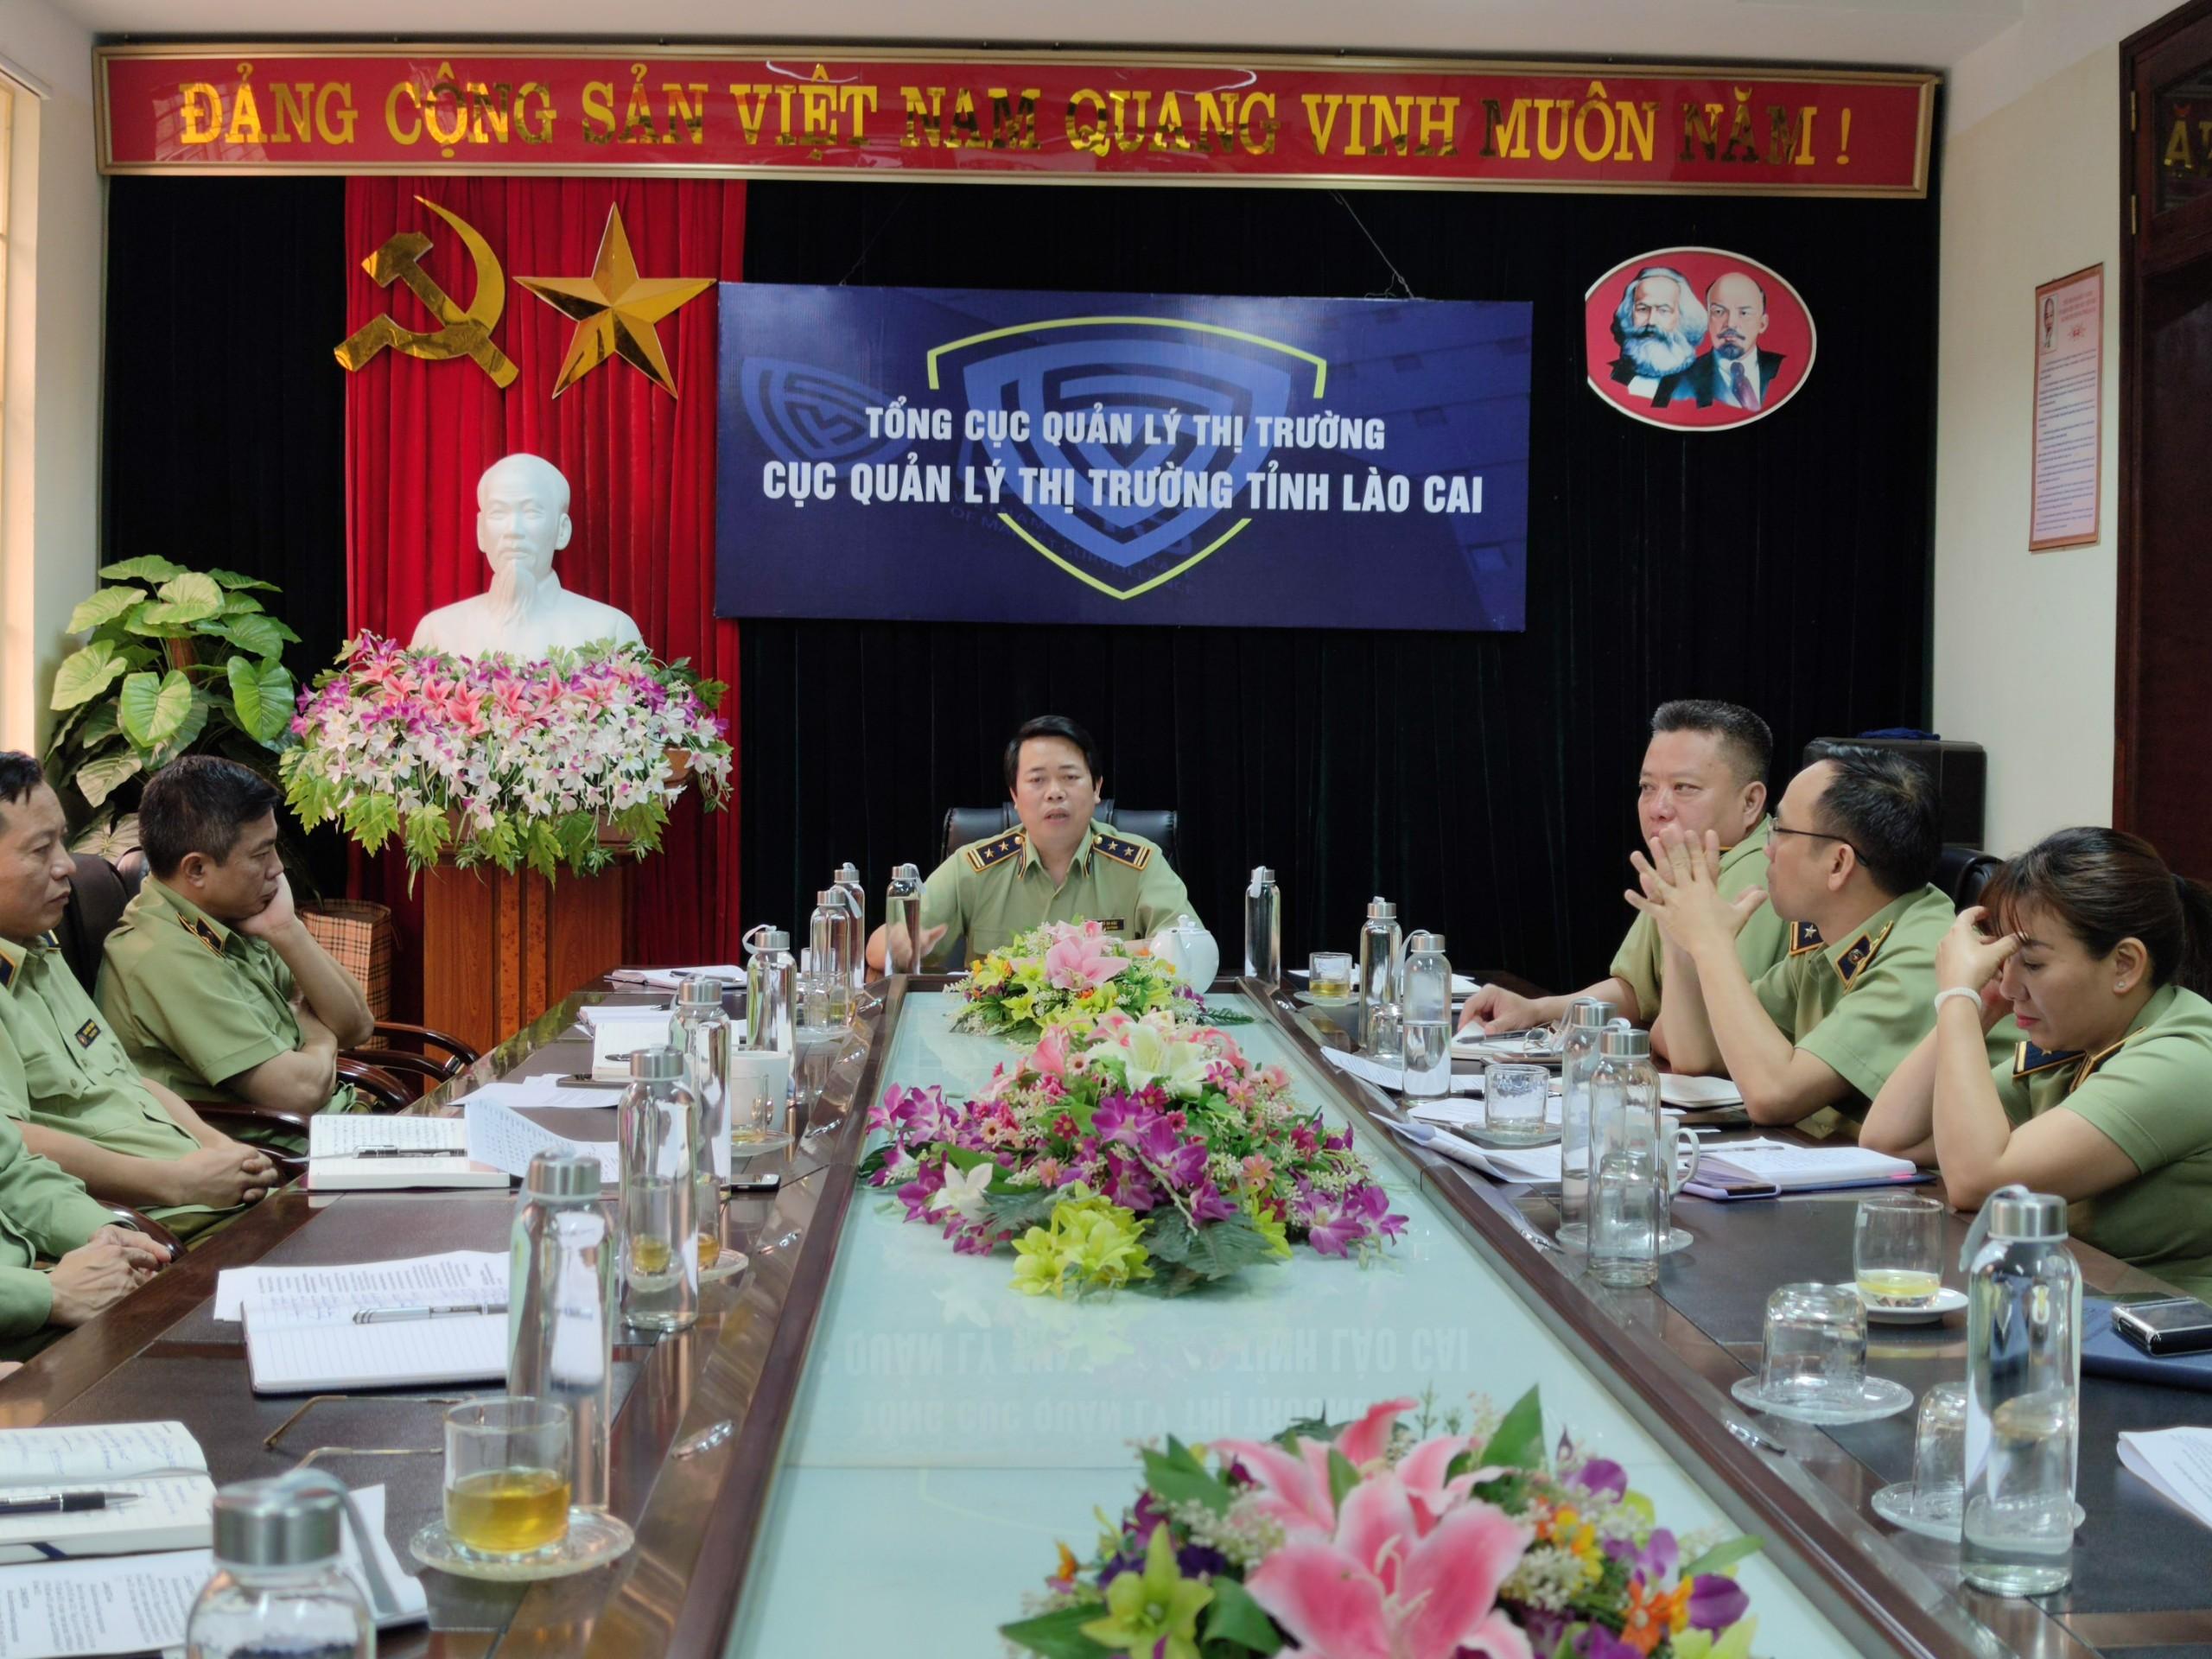 Cục QLTT Lào Cai sơ kết đánh giá kết quả thực hiện nhiệm vụ Quý I/2021, triển khai nhiệm vụ tháng 4 và Quý II năm 2021